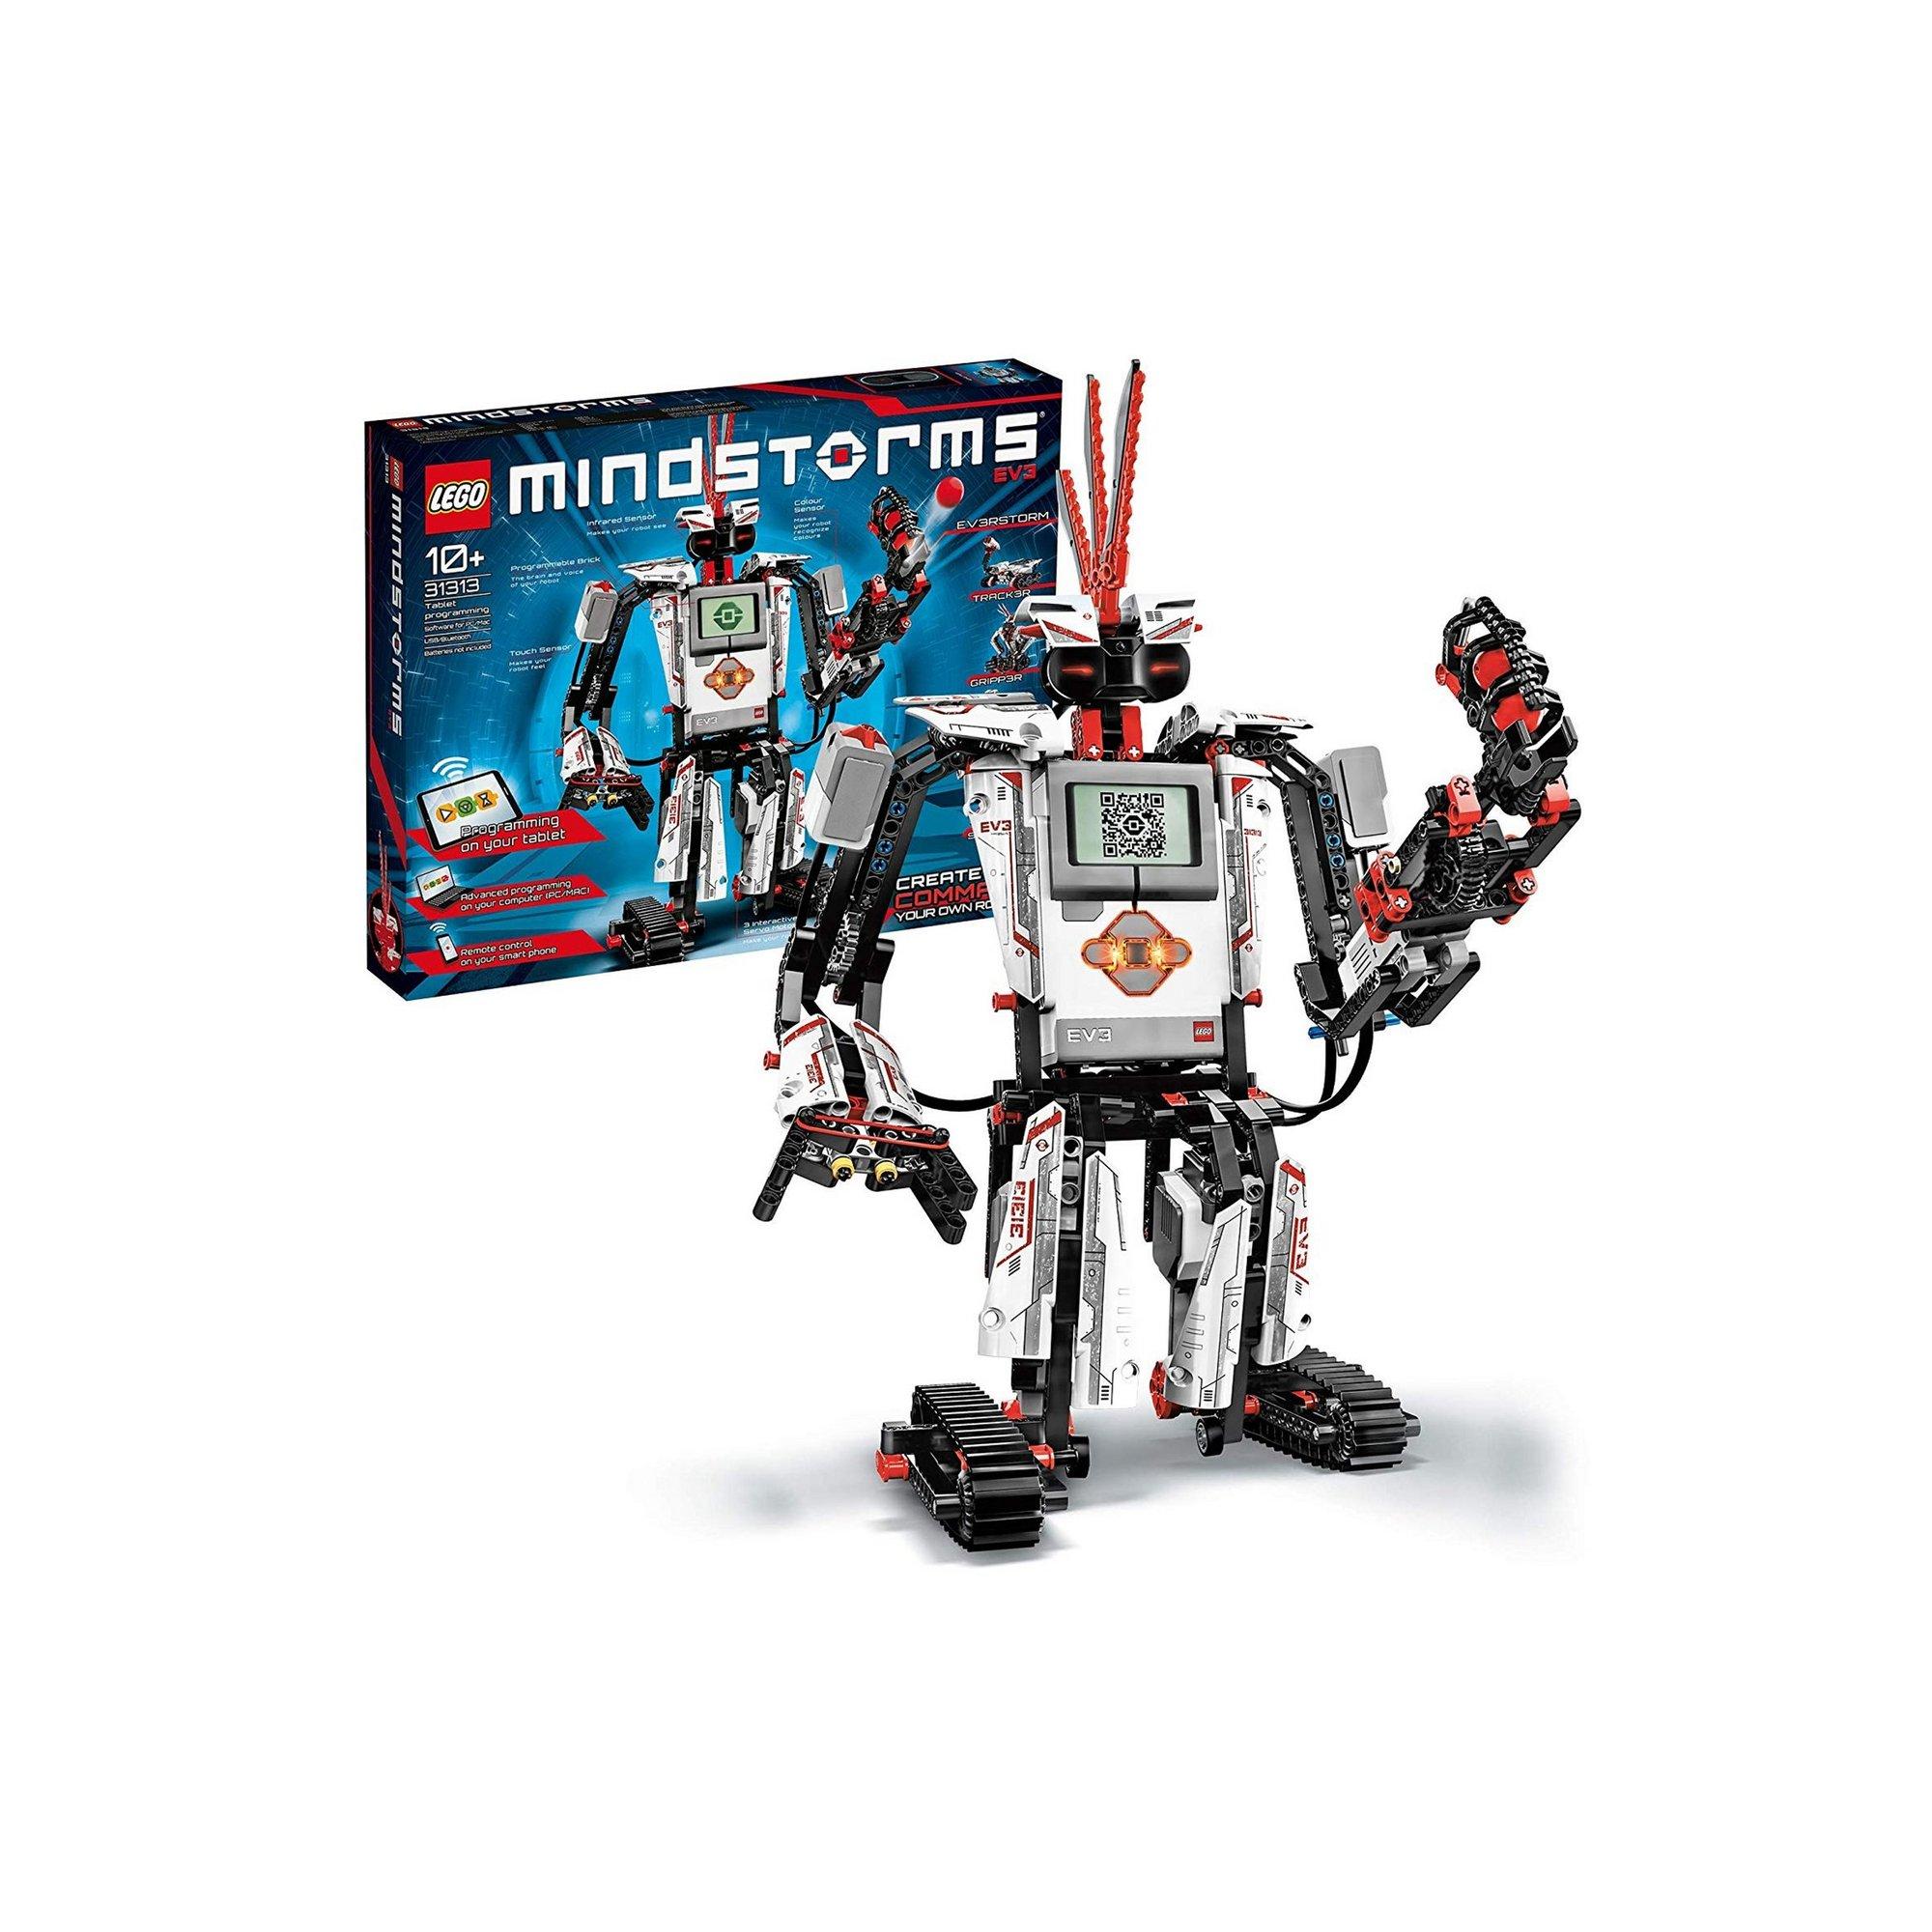 Image of LEGO Mindstorms EV3